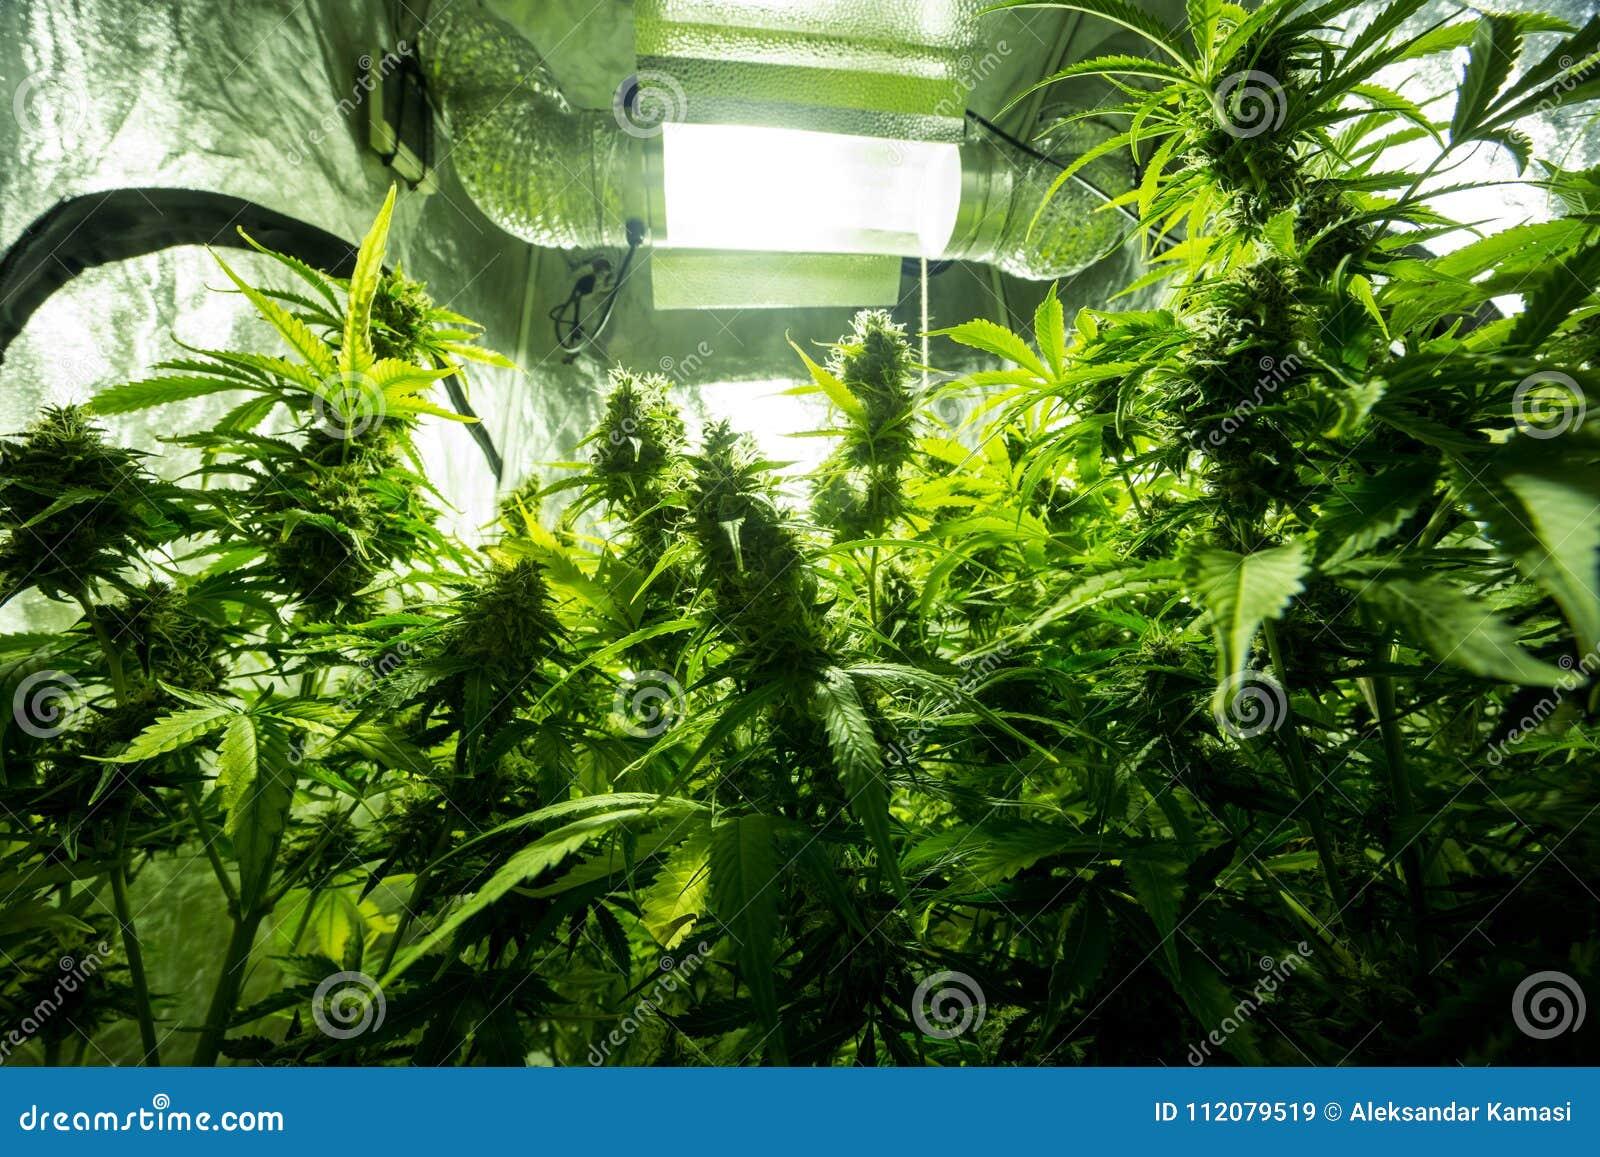 Culture D\'intérieur De Cannabis - Les Cannabis élèvent La Boîte ...